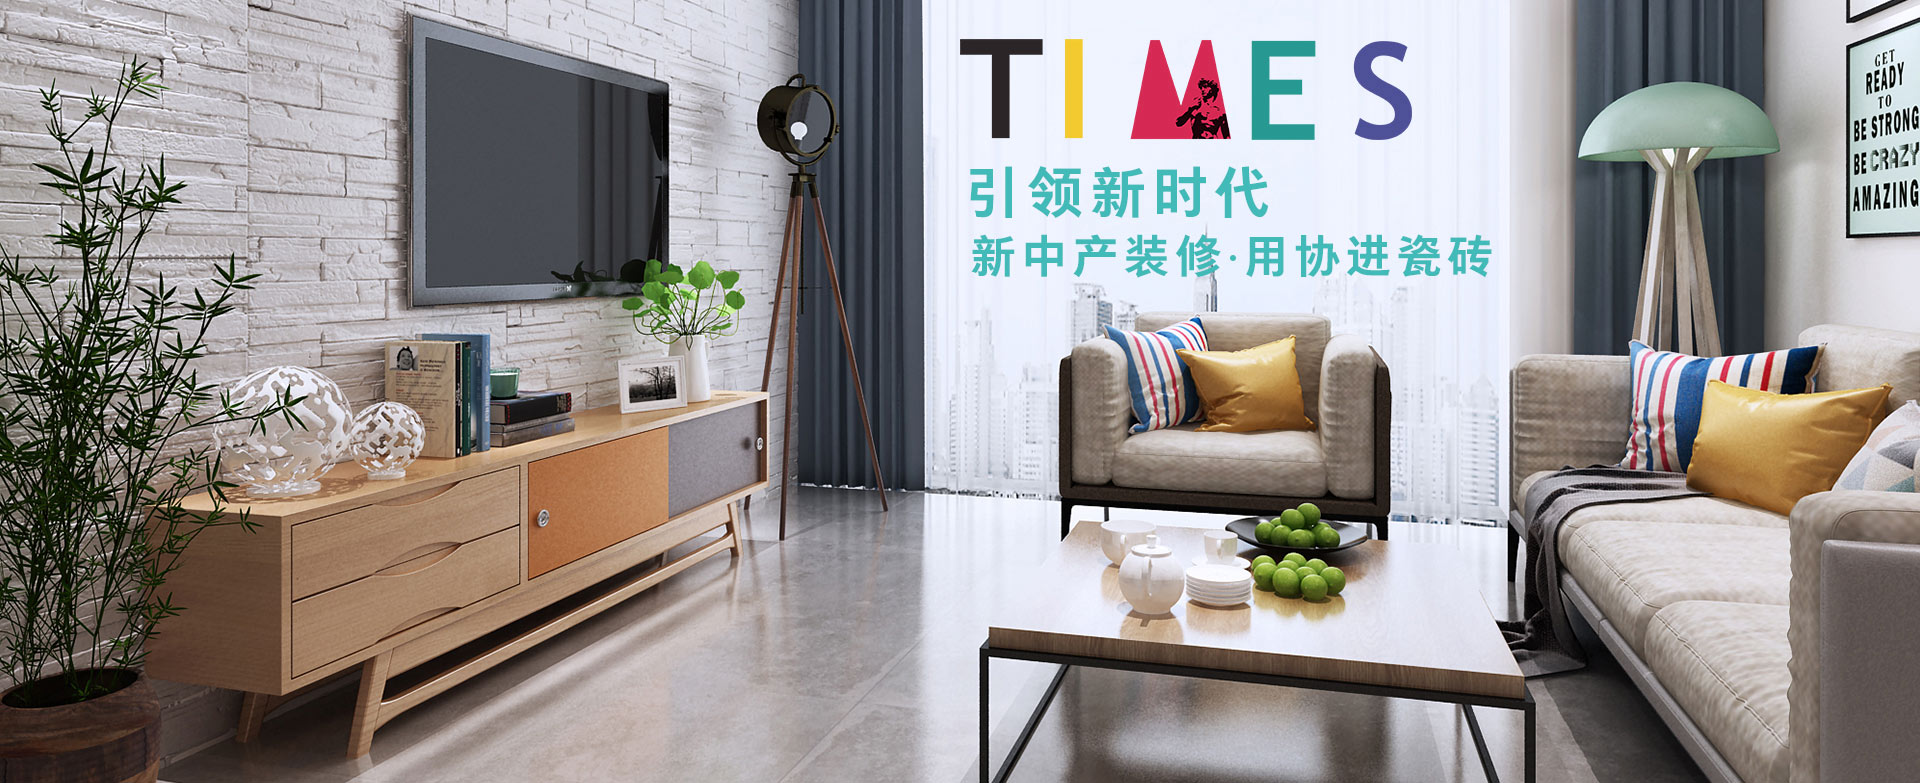 新中产装修就要用协进瓷砖品牌,瓷砖代理精选品牌